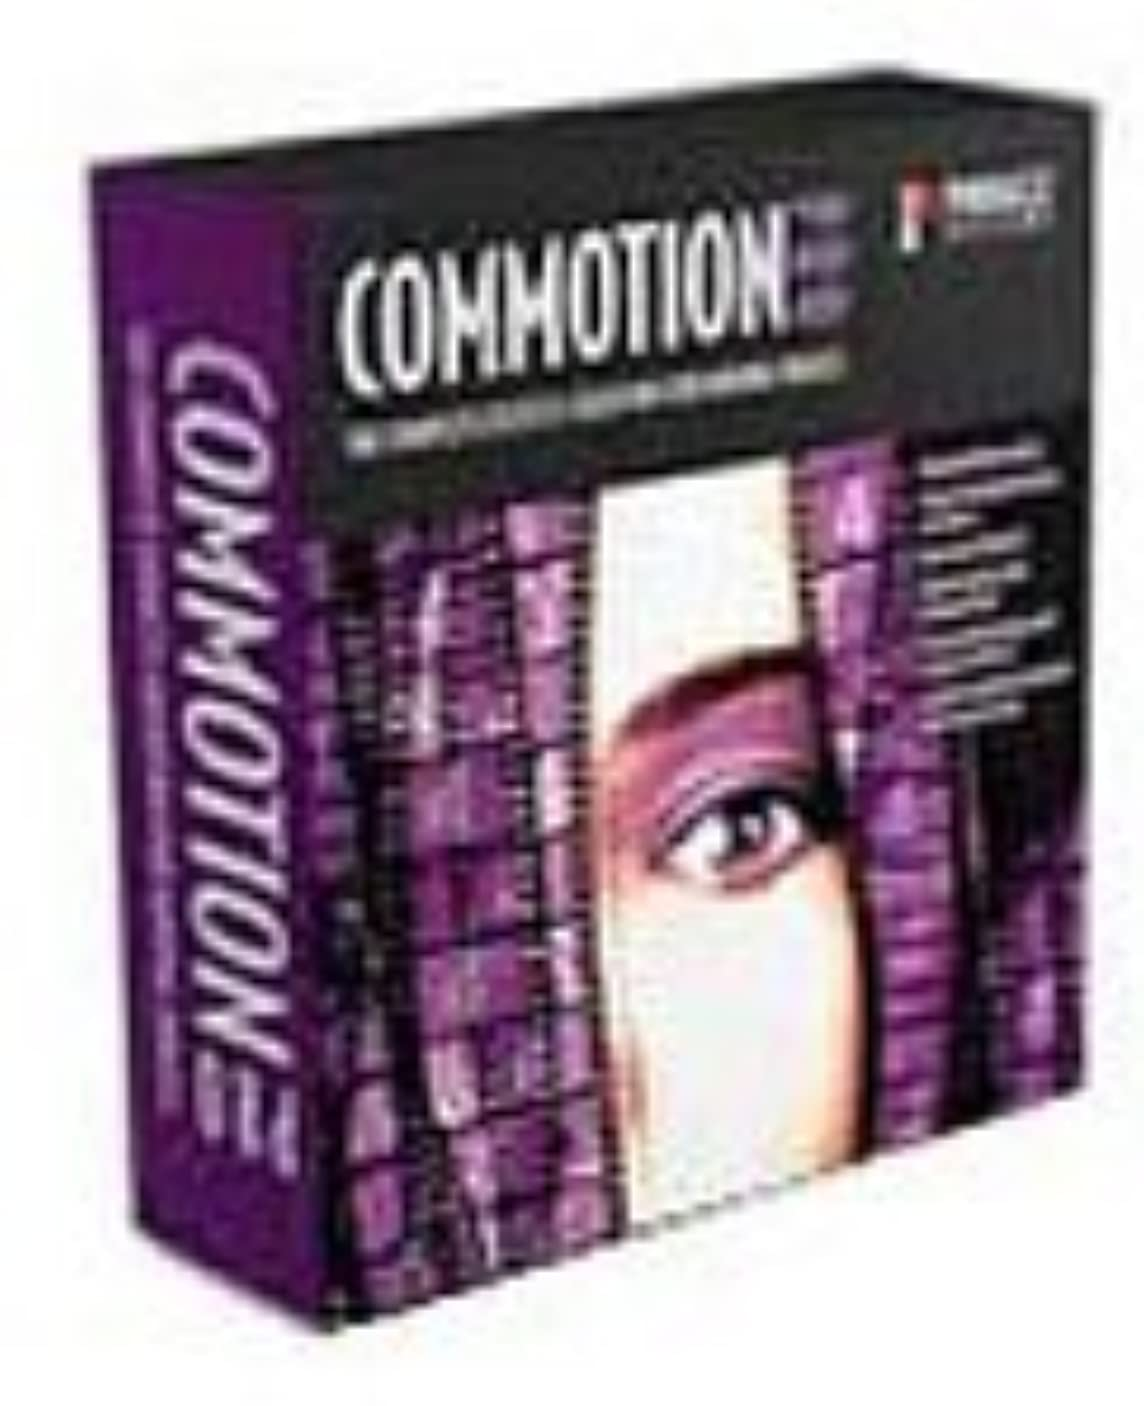 ほんの複雑な故障中Commotion Pro 4 Macintosh版